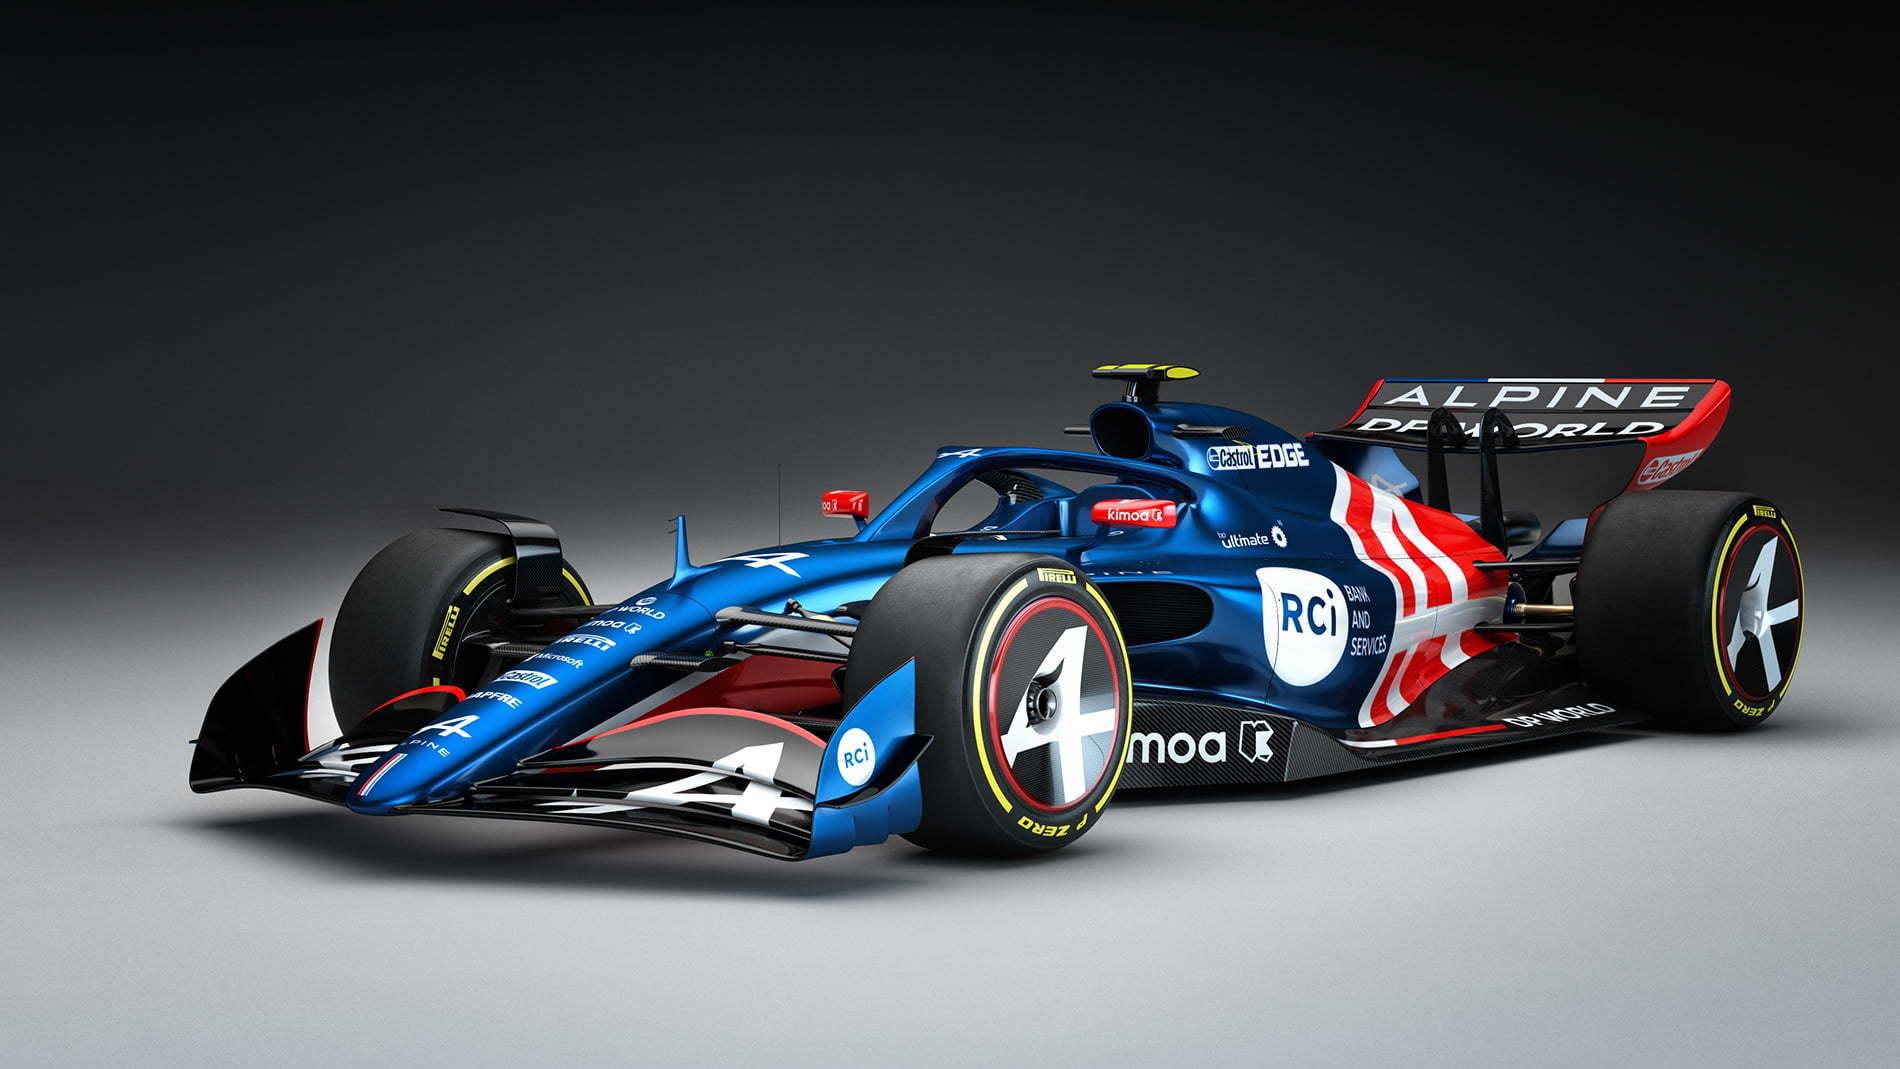 Https Lesvoitures Fr Wp Content Uploads 2020 12 Alpine F1 Team 2022 Arturo Garcia 4 Jpg